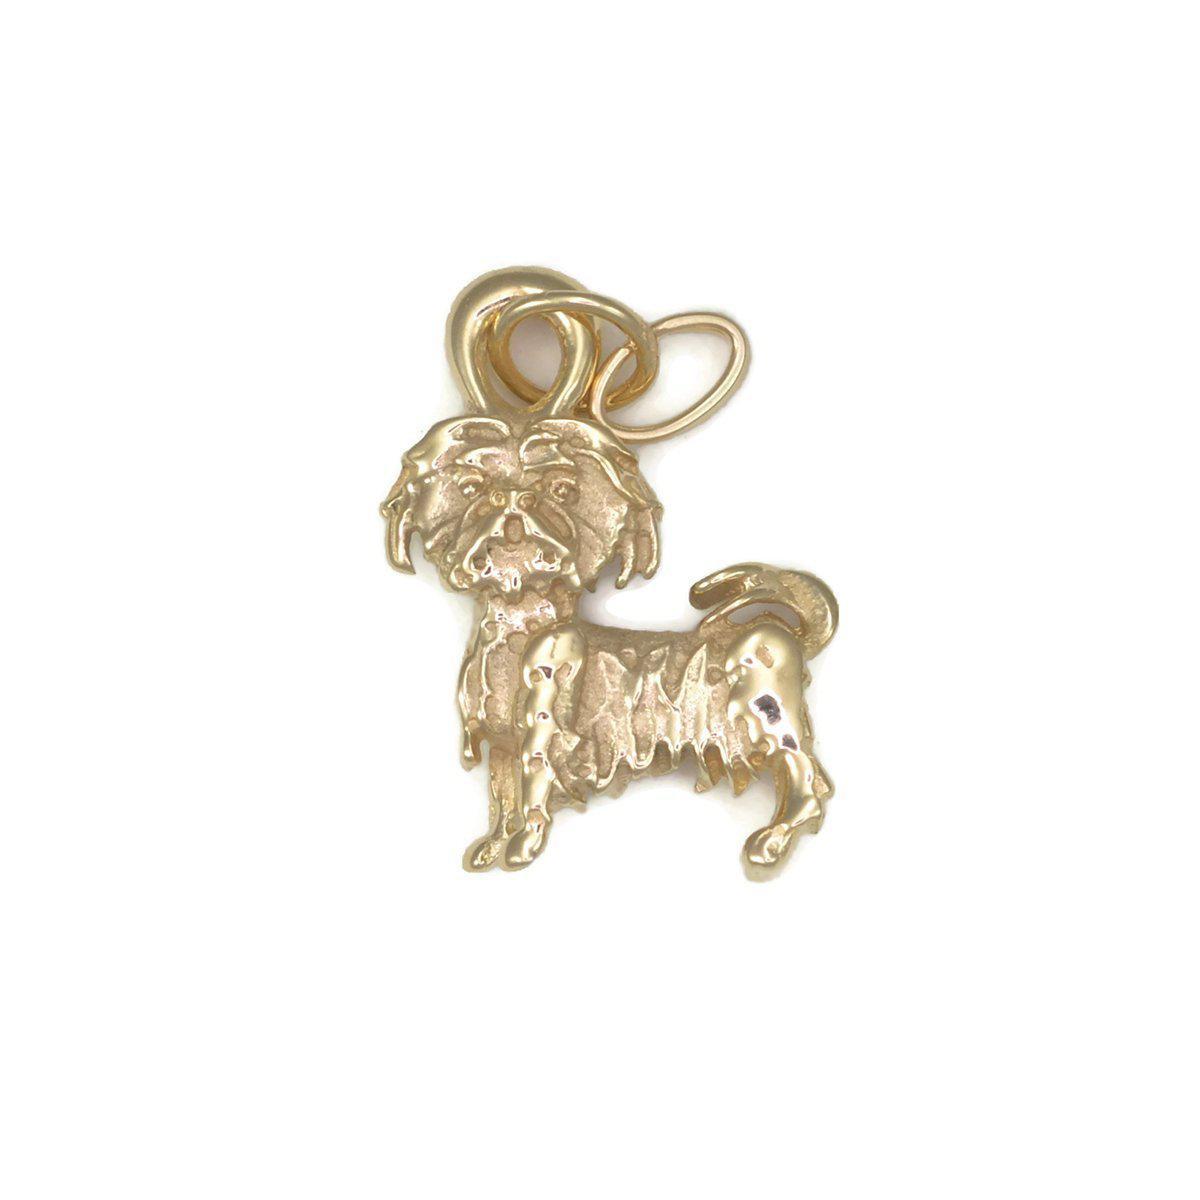 Donna Pizarro Designs 14kt Yellow Gold Shihtzu Charm xmBbZeKUJE